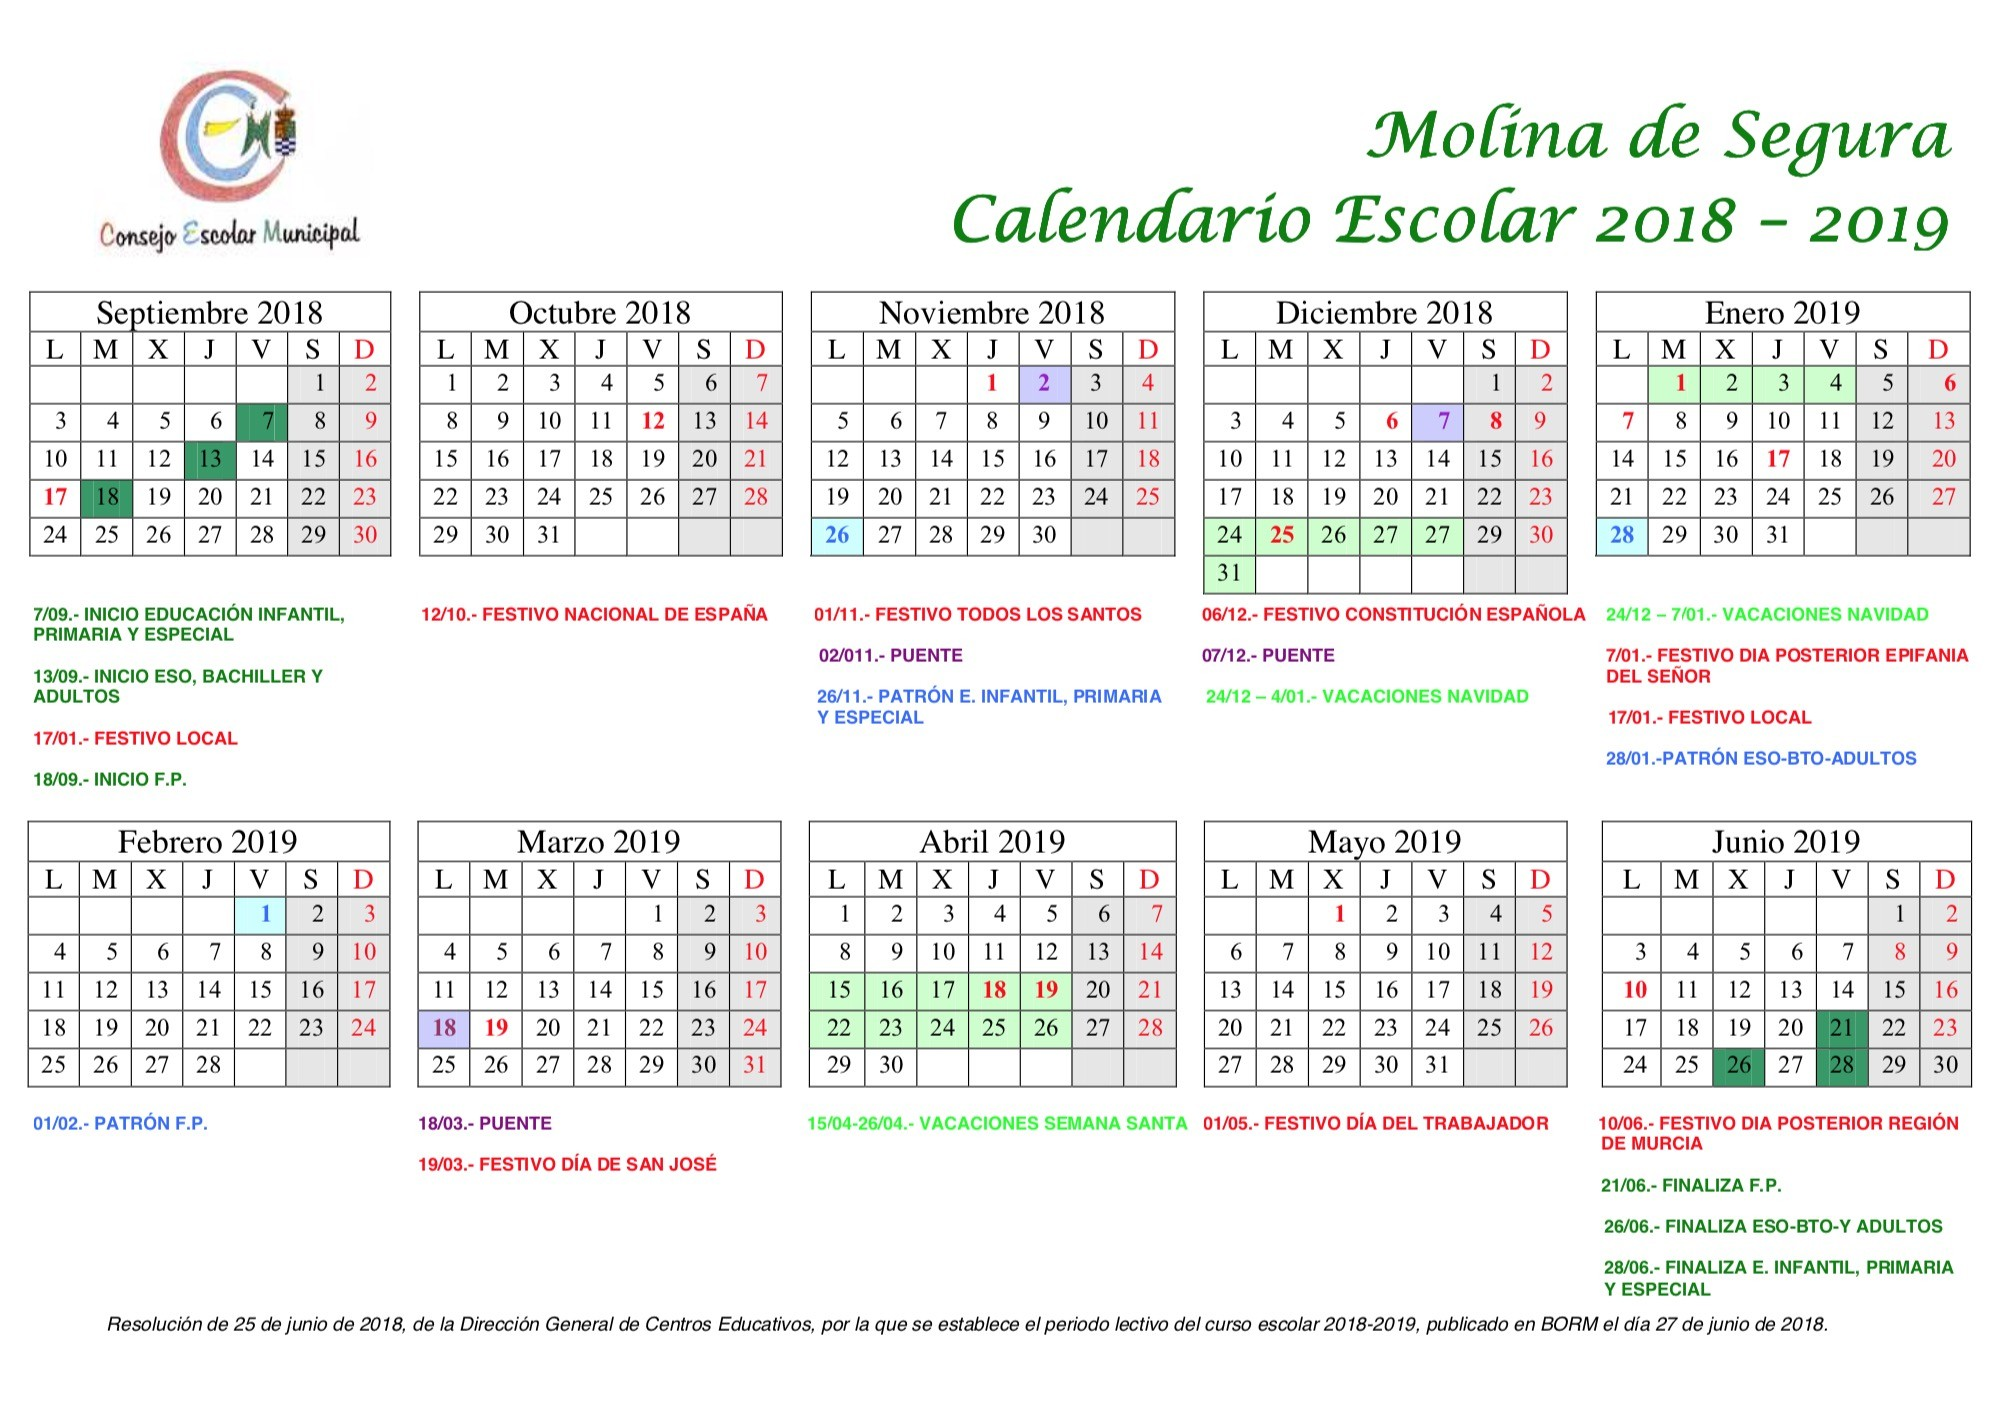 Calendario Escolar 2019 Lorca Más Recientes C I F E A De Molina De Segura Of Calendario Escolar 2019 Lorca Más Actual C E I P Pasico Campillo